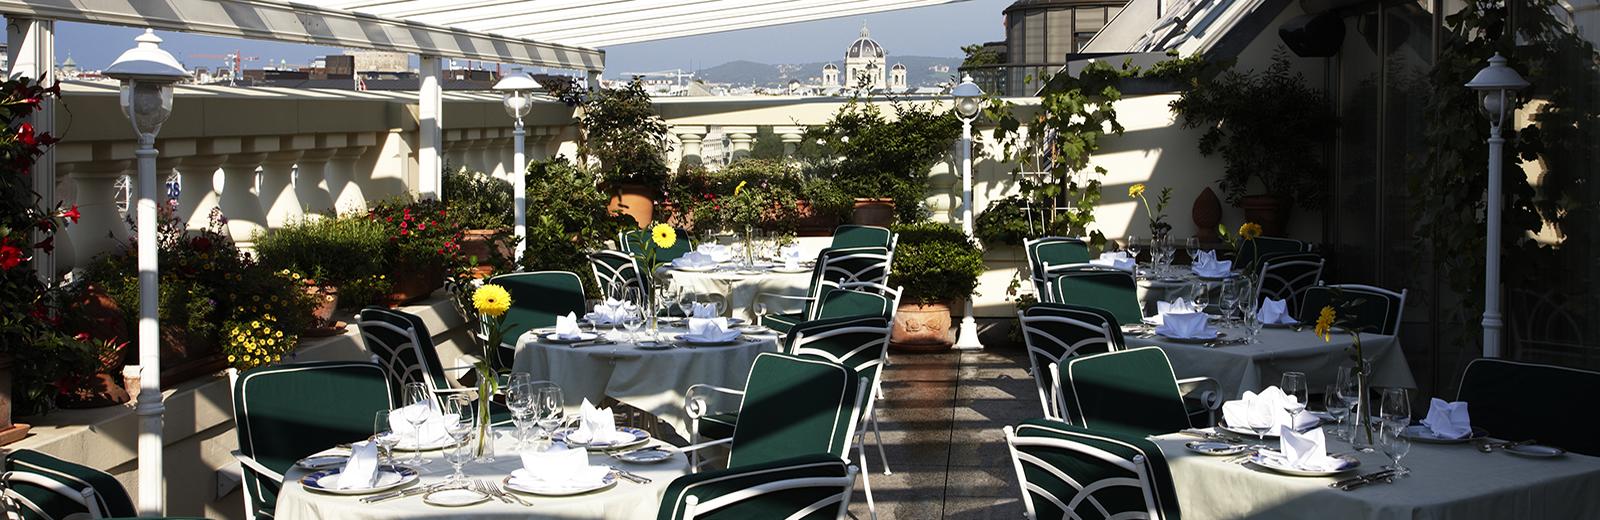 Restaurant Le Ciel-Terrasse